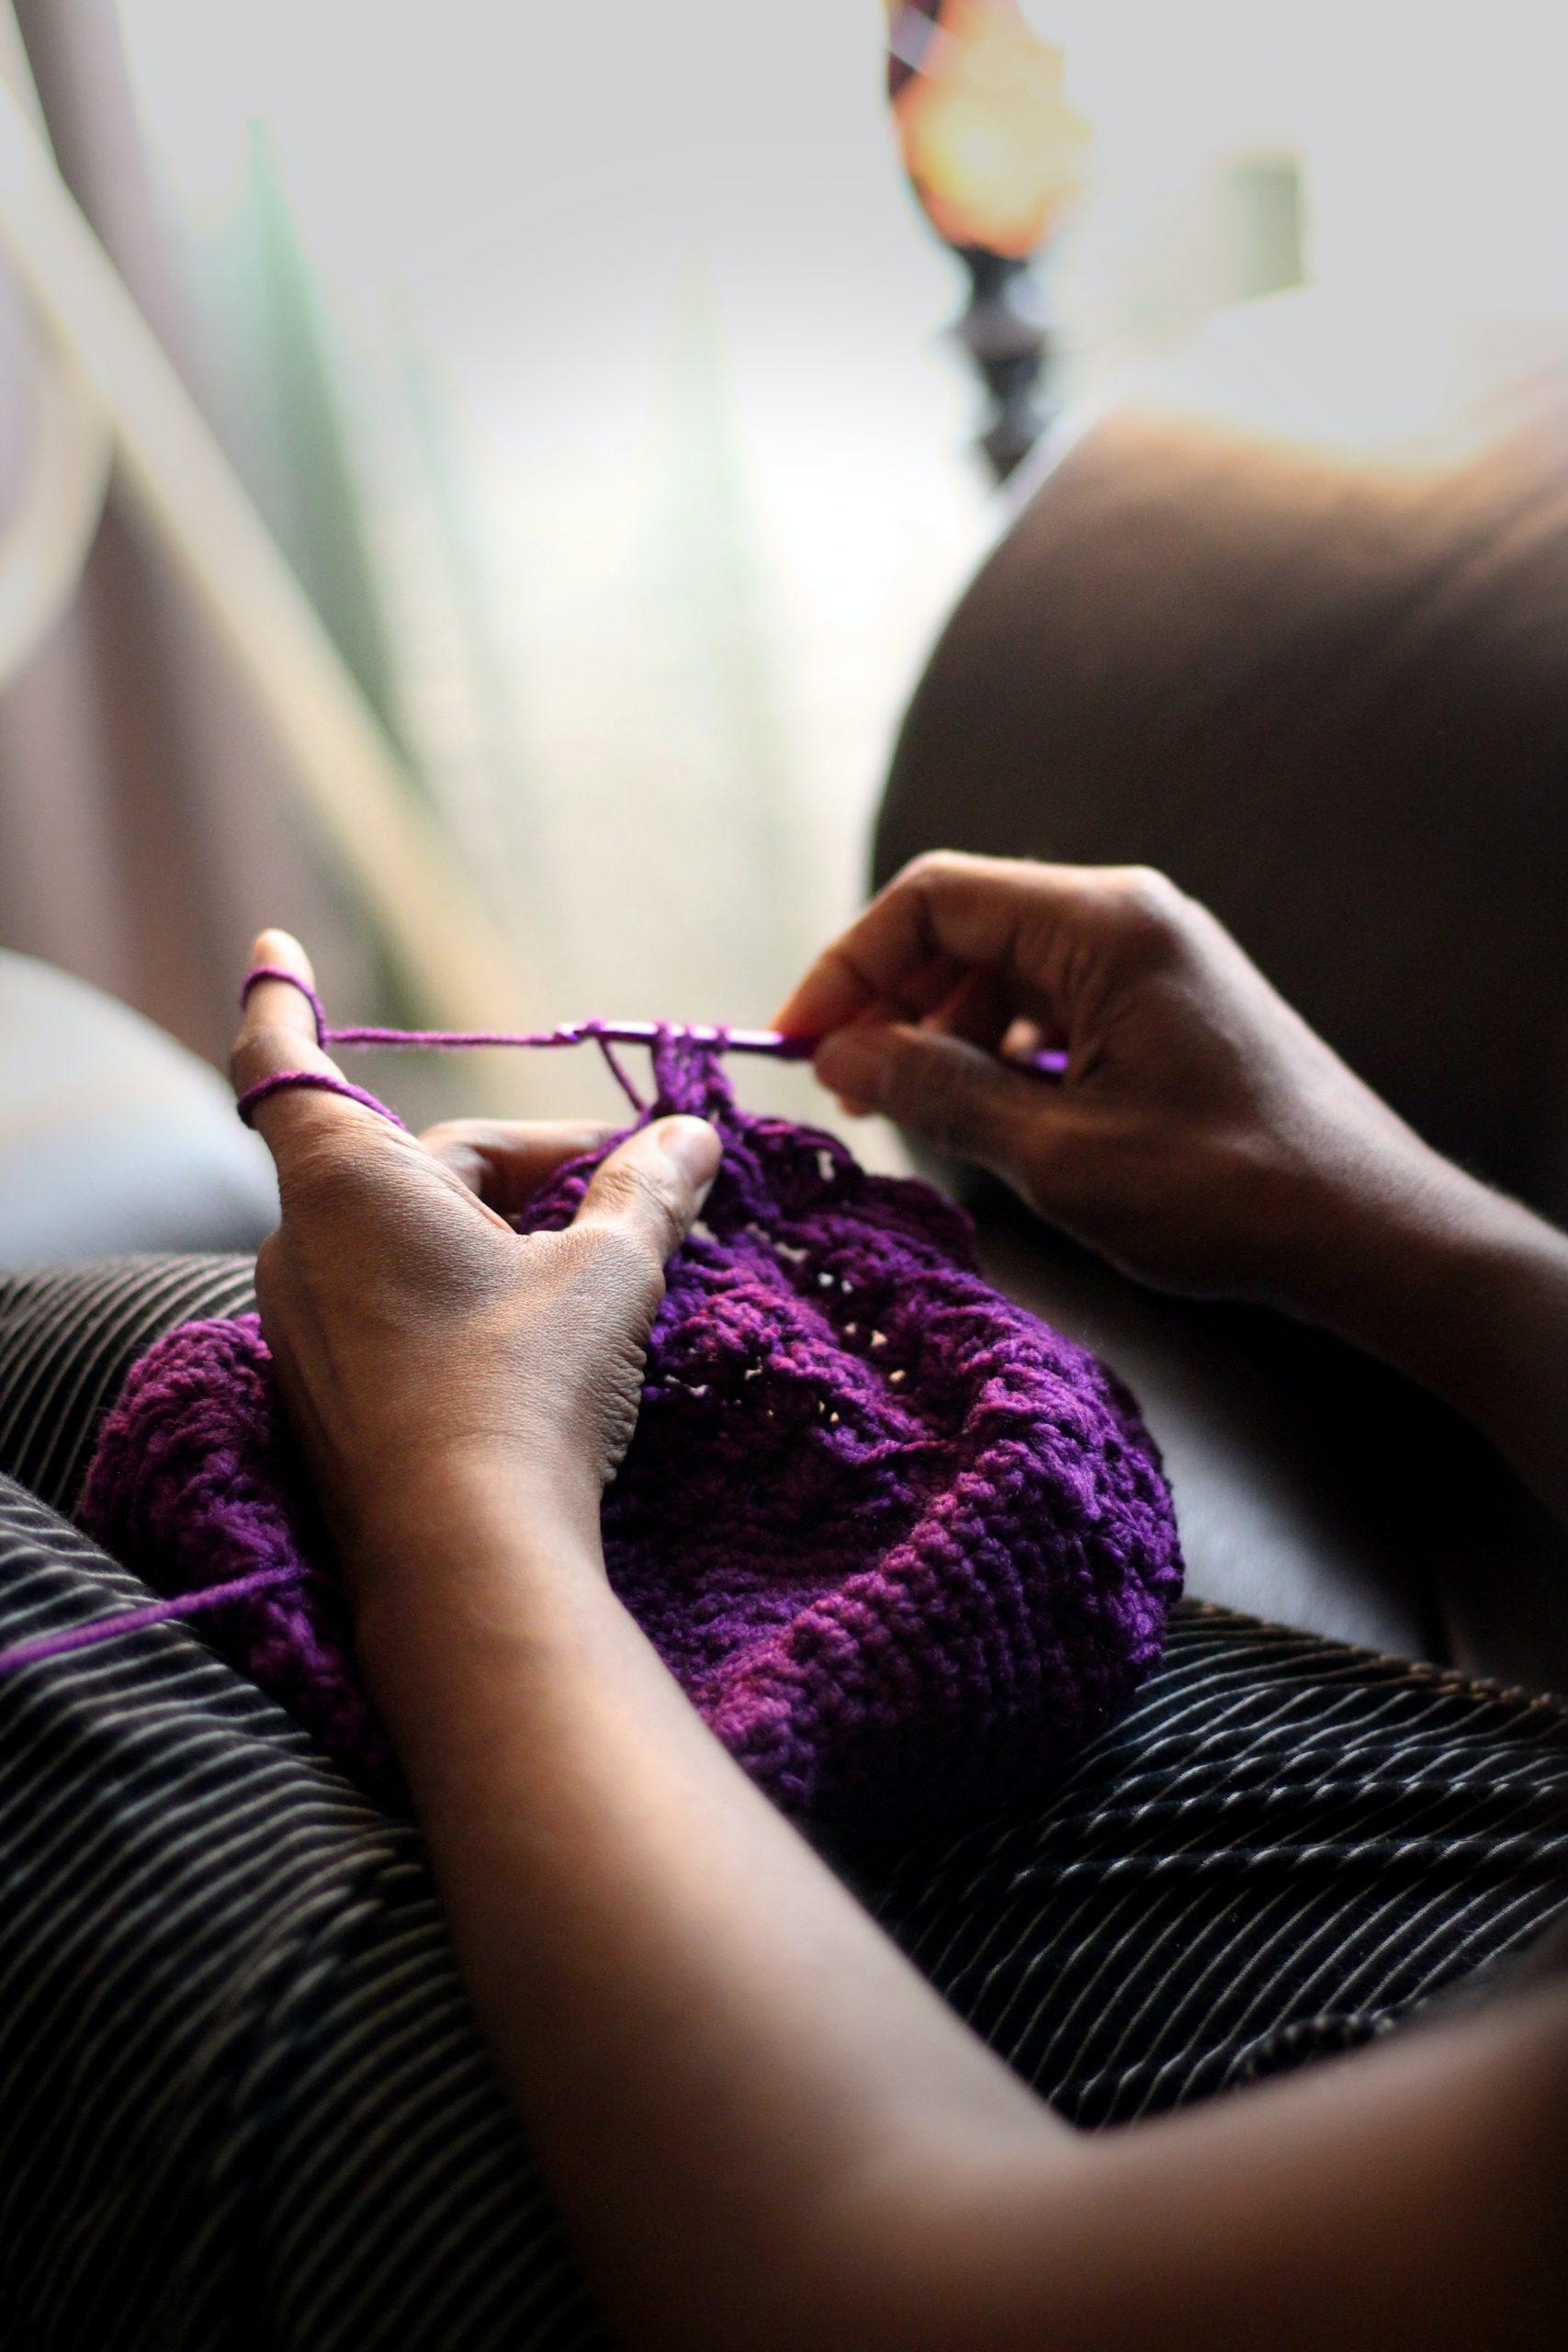 Busy crocheting